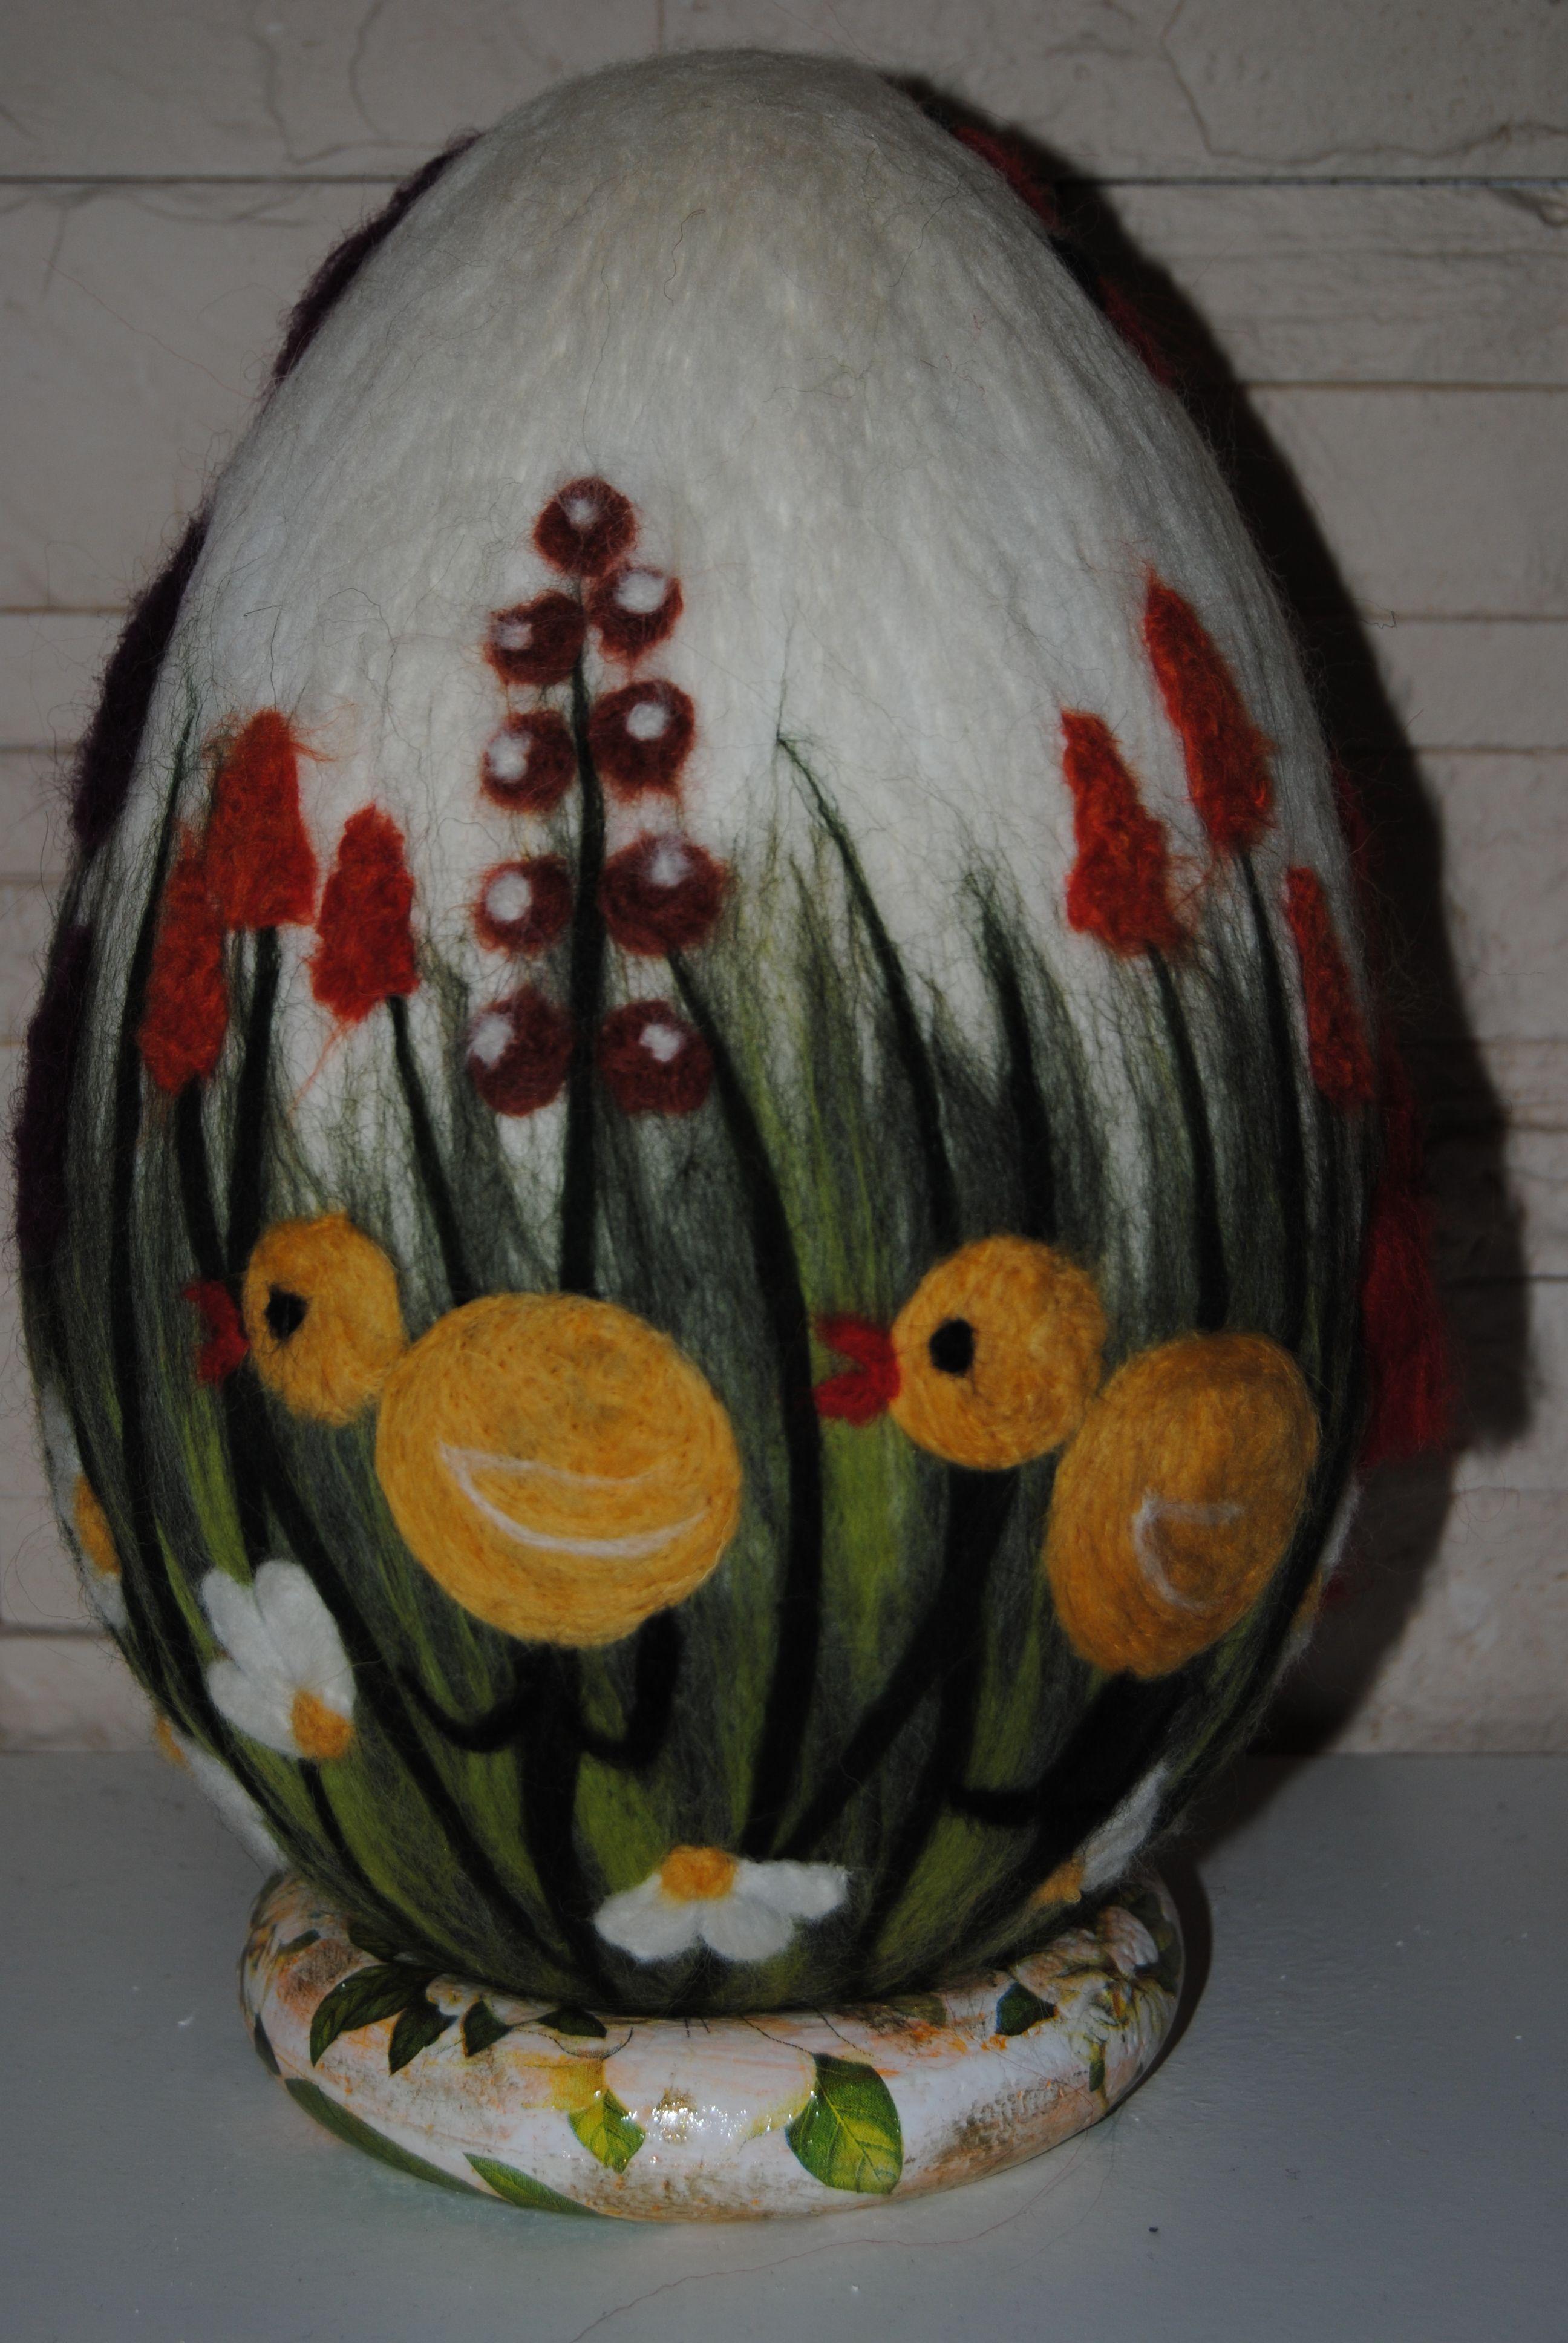 Pisanka Filcykowe Kurczaczki Praca Wykonana Technika Filcowania Na Sucho Wool Felt Projects Wool Needle Felting Egg Crafts